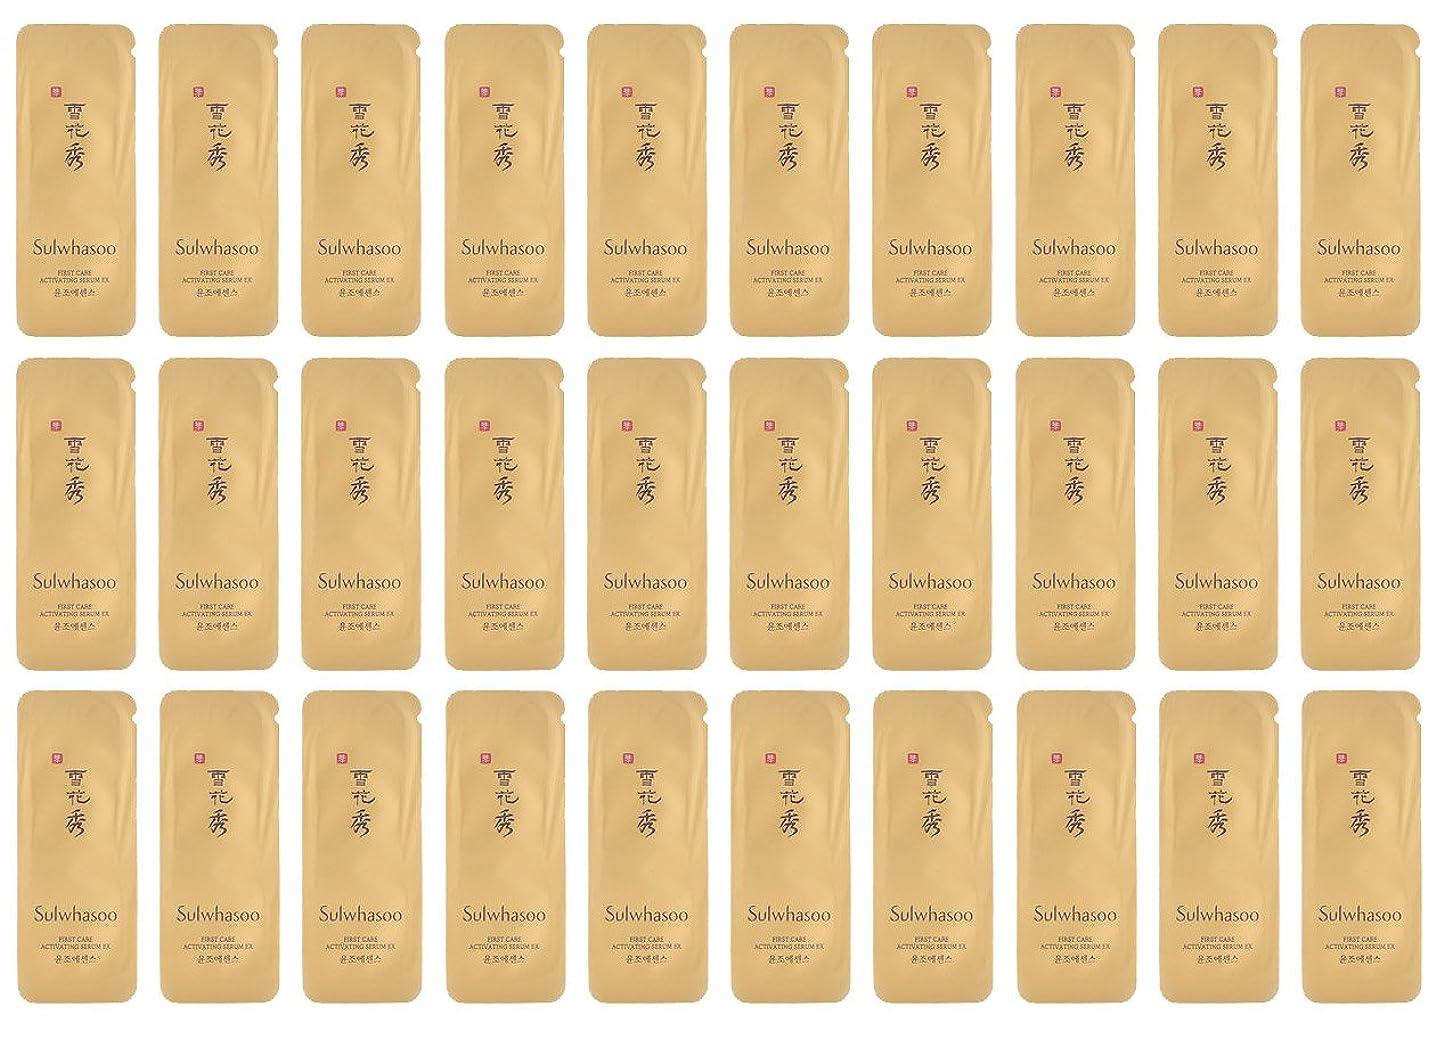 件名タイピスト非武装化【ソルファス 雪花秀 Sulwhasoo】 潤燥 ユンジョ エッセンス First Care Activating Serum EX(30ml) 1ml x 30個 韓国化粧品 ブランドのサンプル [並行輸入品]